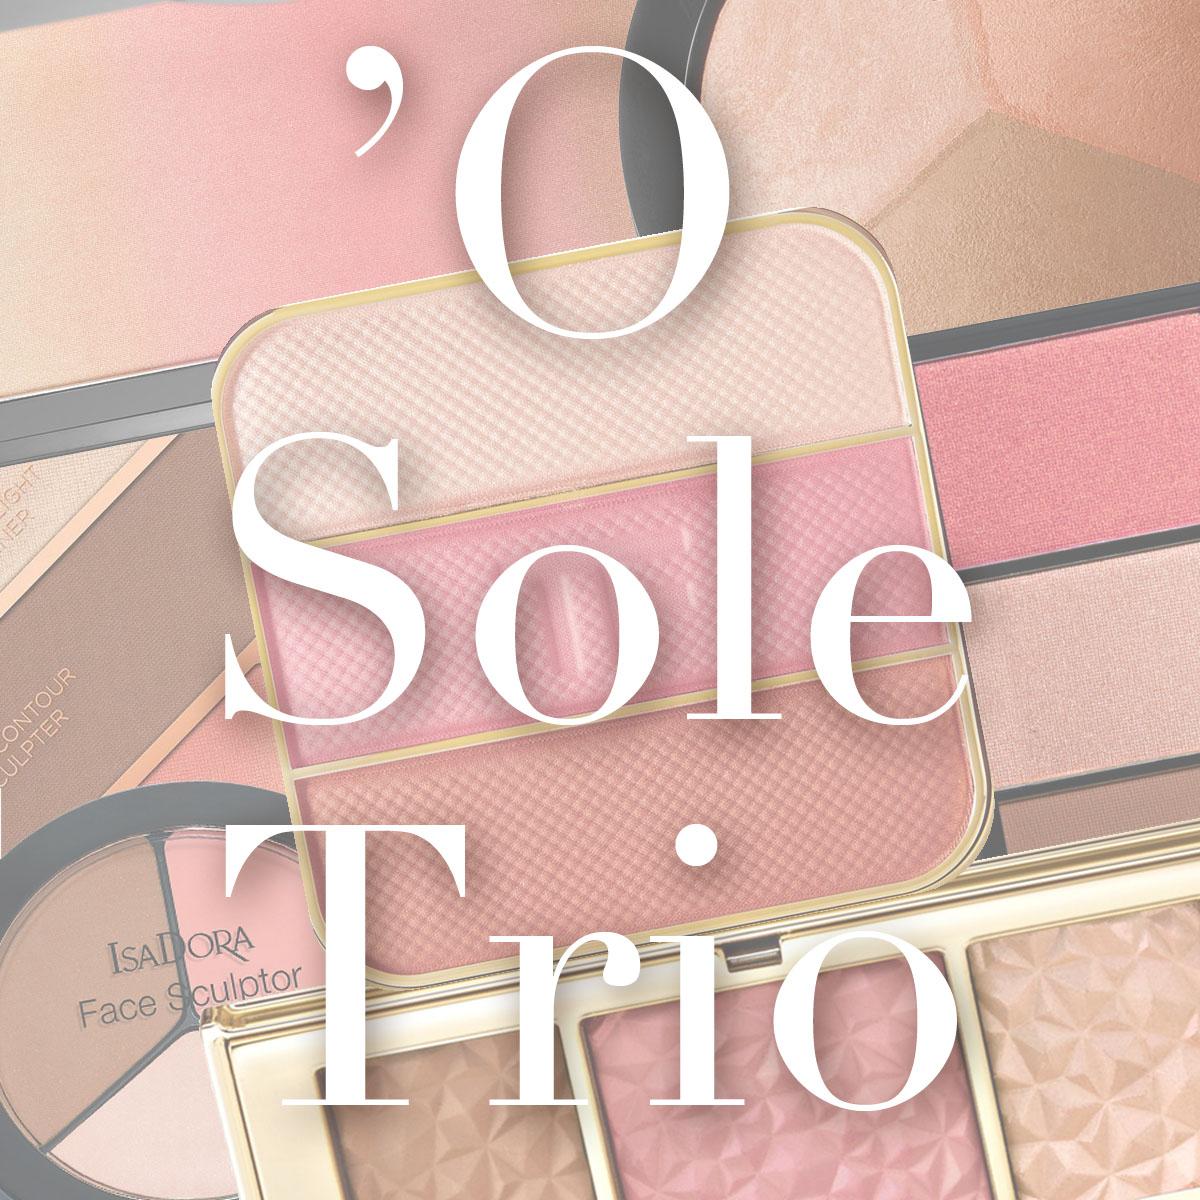 Blush Bronzer Highlighter Palette Trio